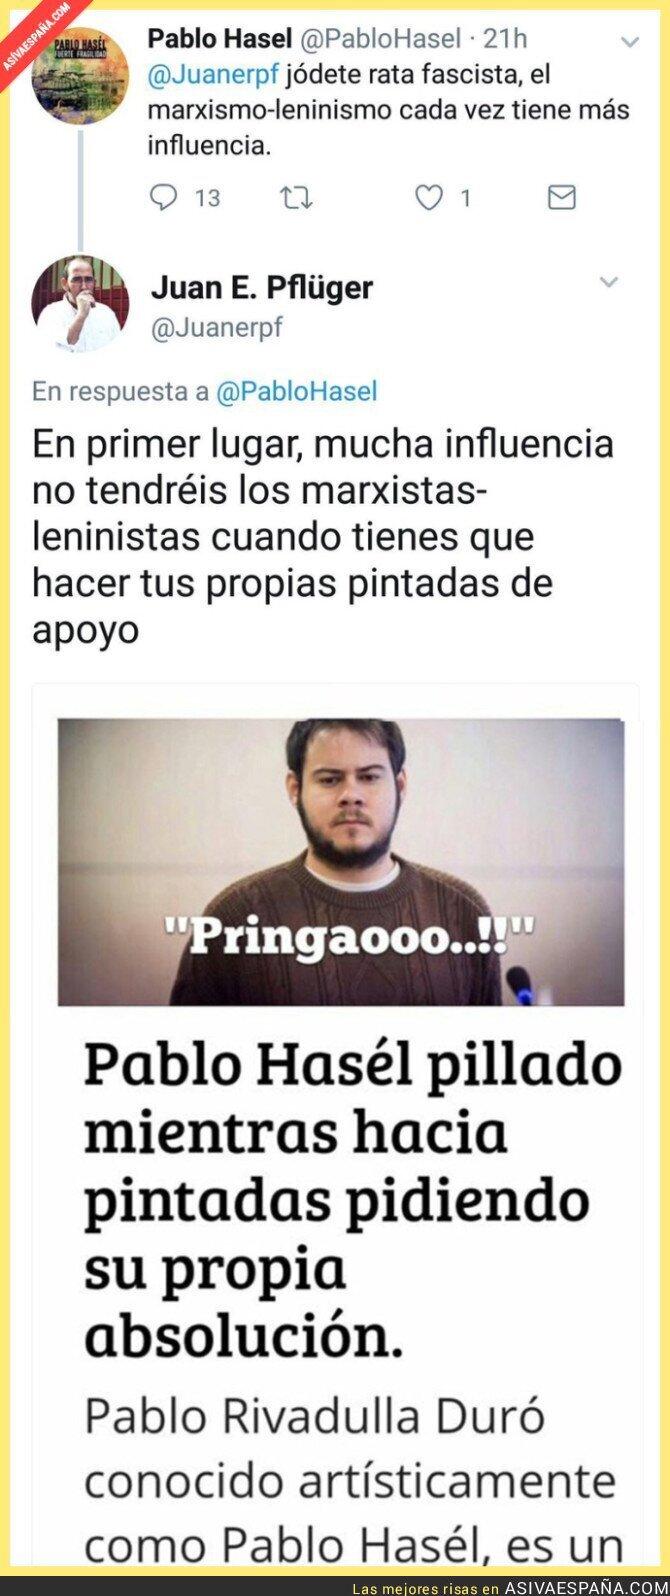 72006 - El gran ZASCA a Pablo Hasel tras hablar de la gran influencia del marxismo leninismo